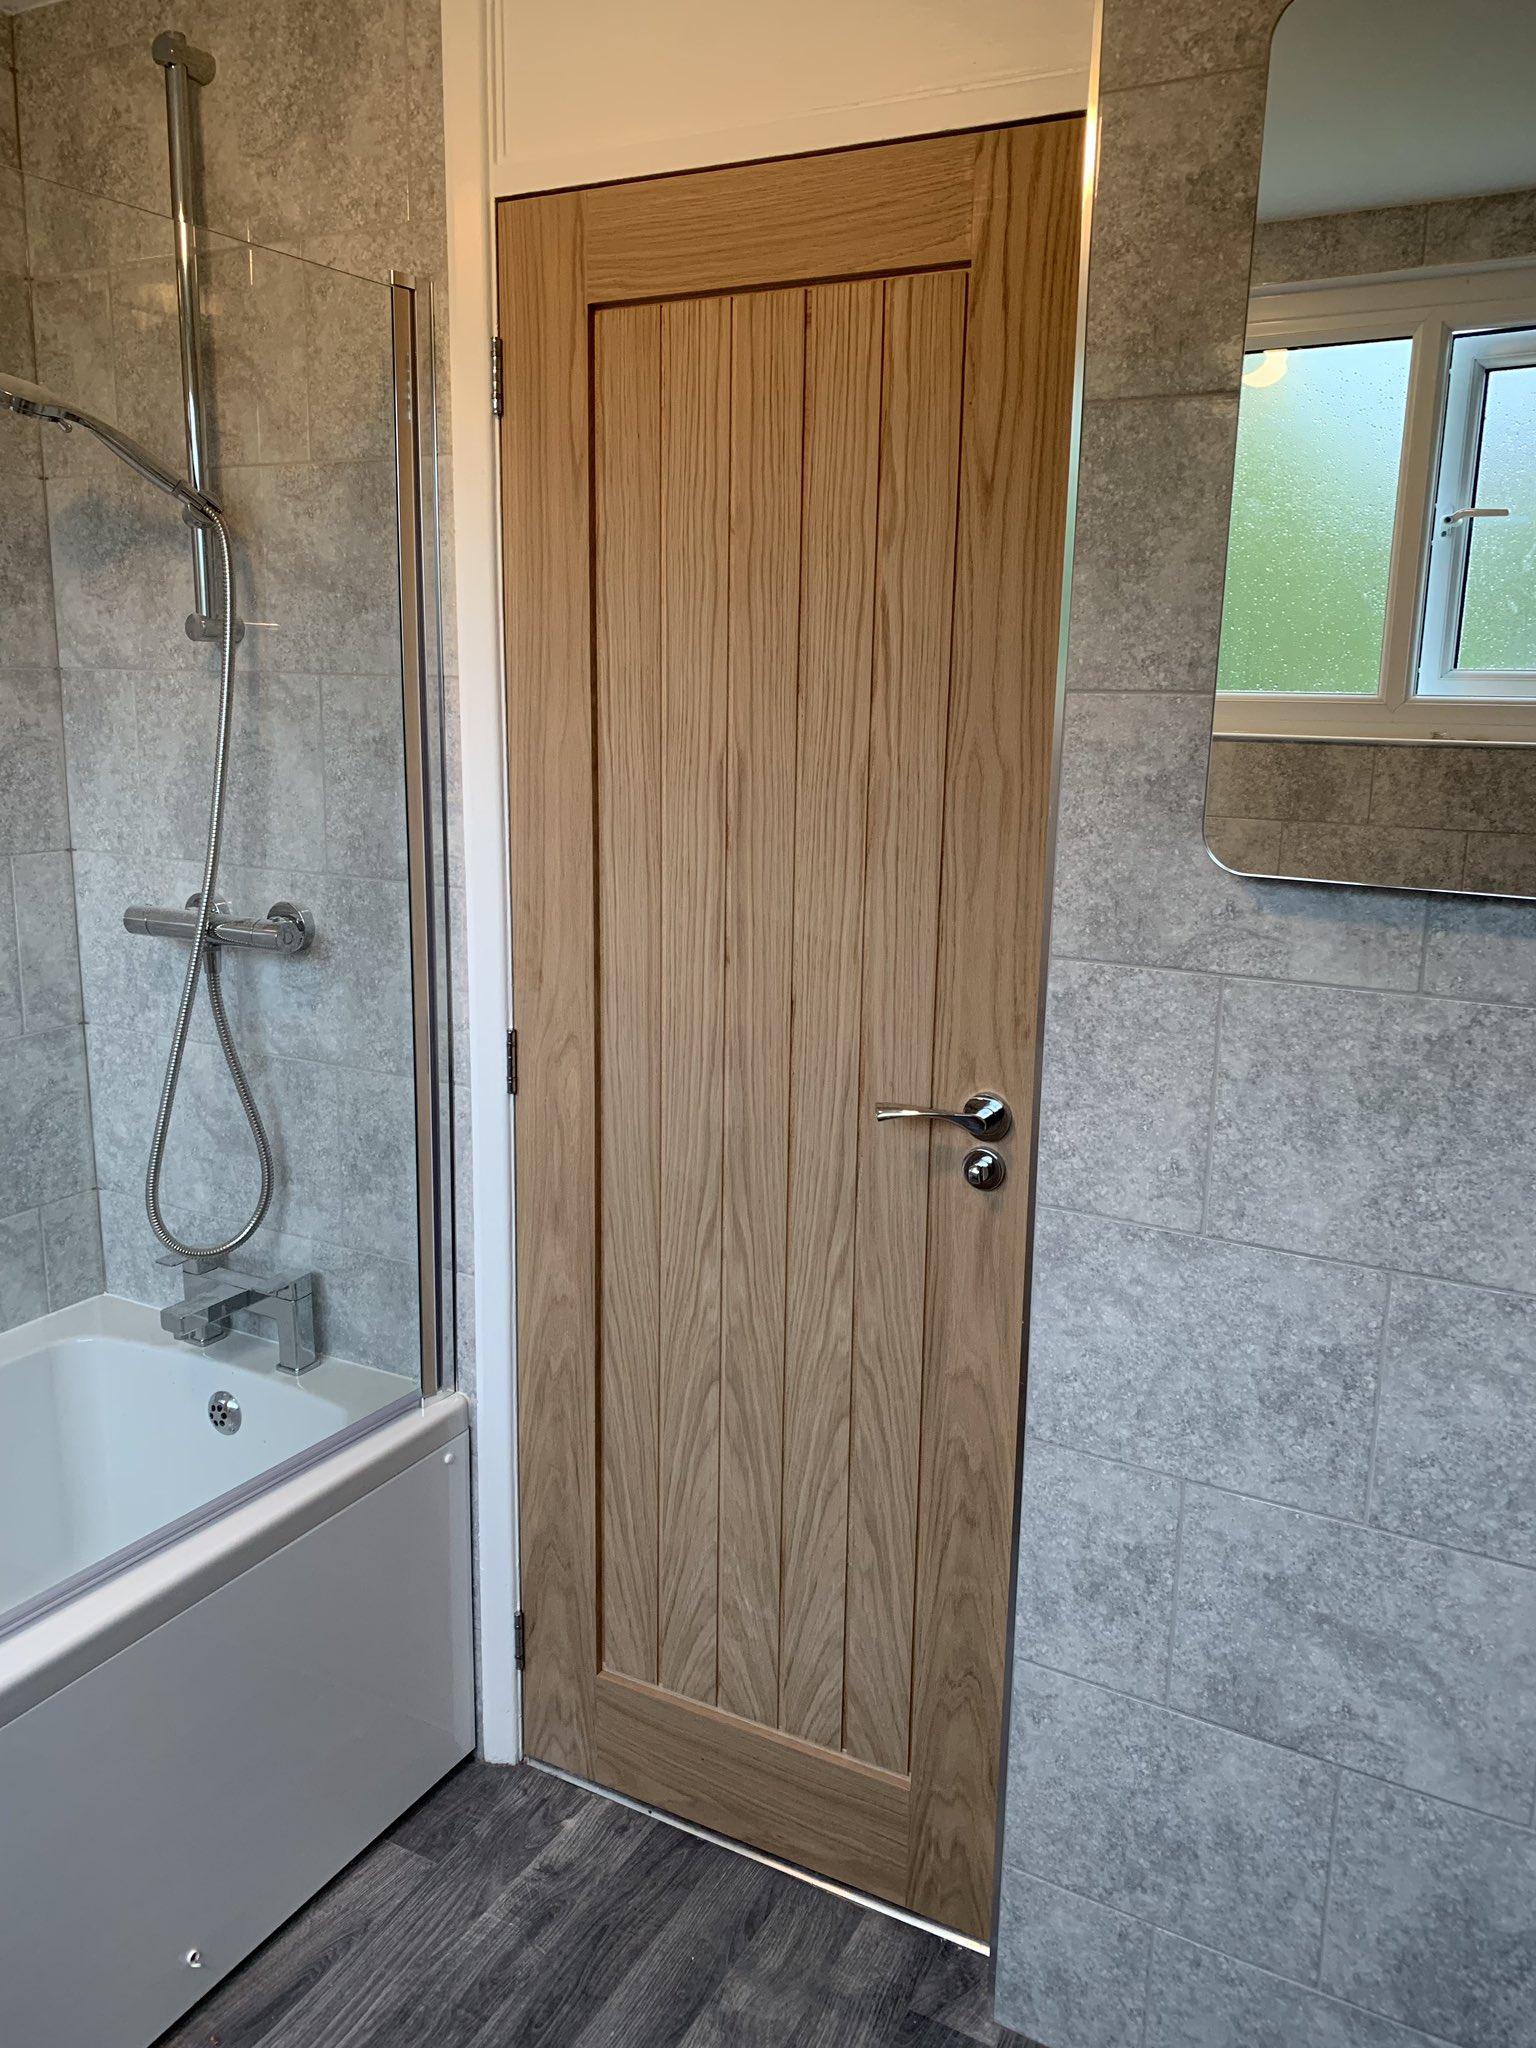 Oak Bathroom Door - Expert Carpenters Bournemouth